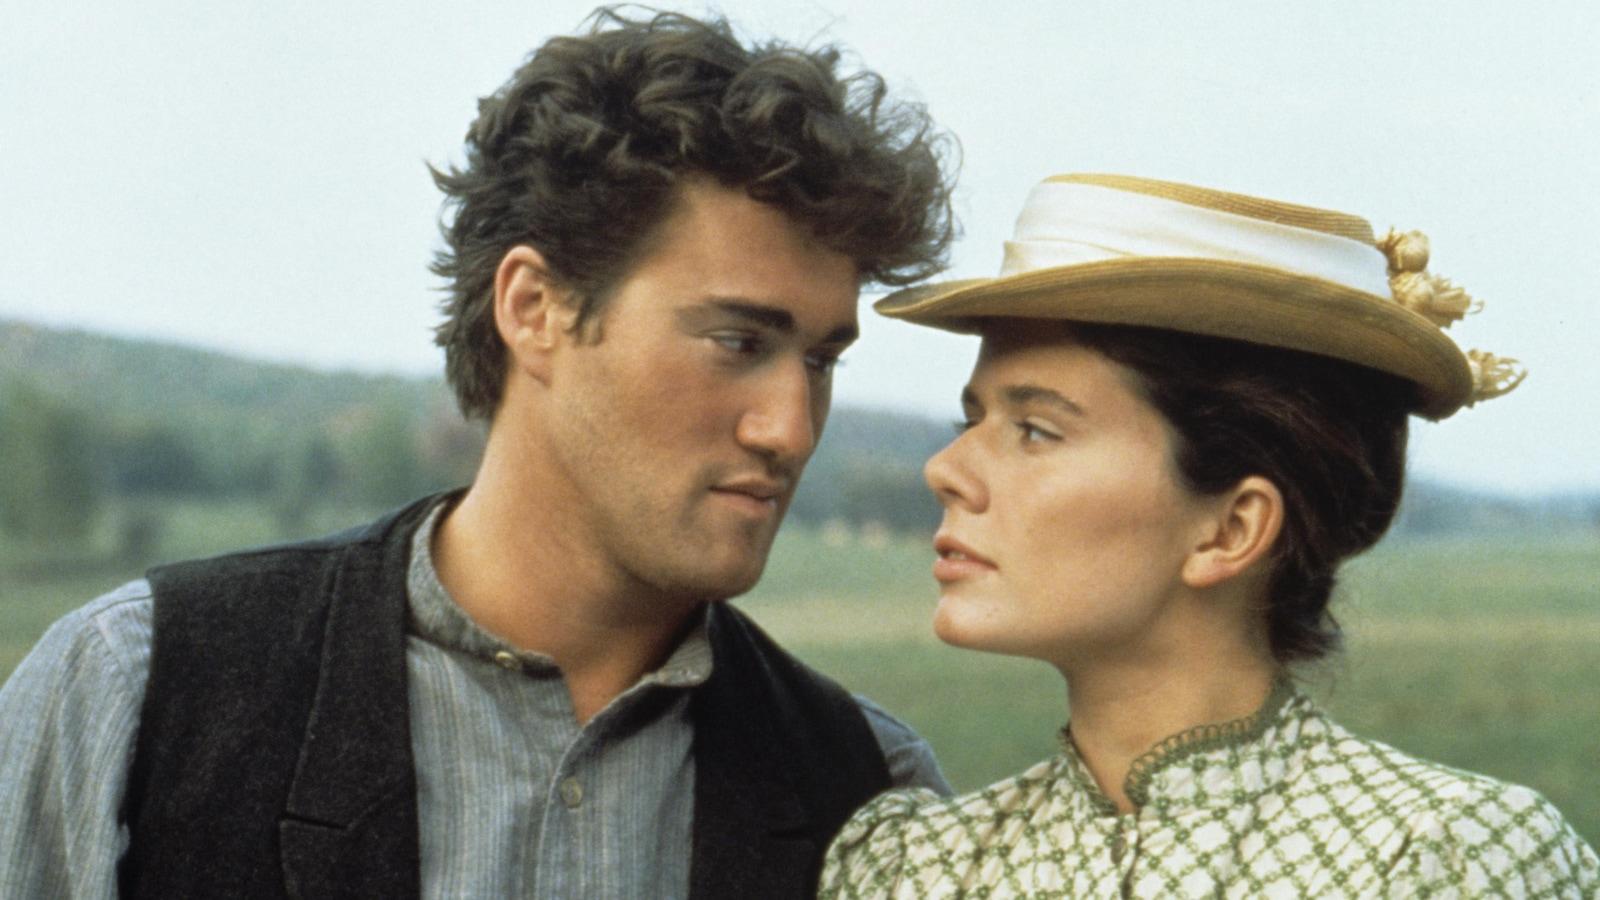 Ovila Pronovost (Roy Dupuis) et Émilie Bordeleau (Marina Orsini) qui se regardent amoureusement.